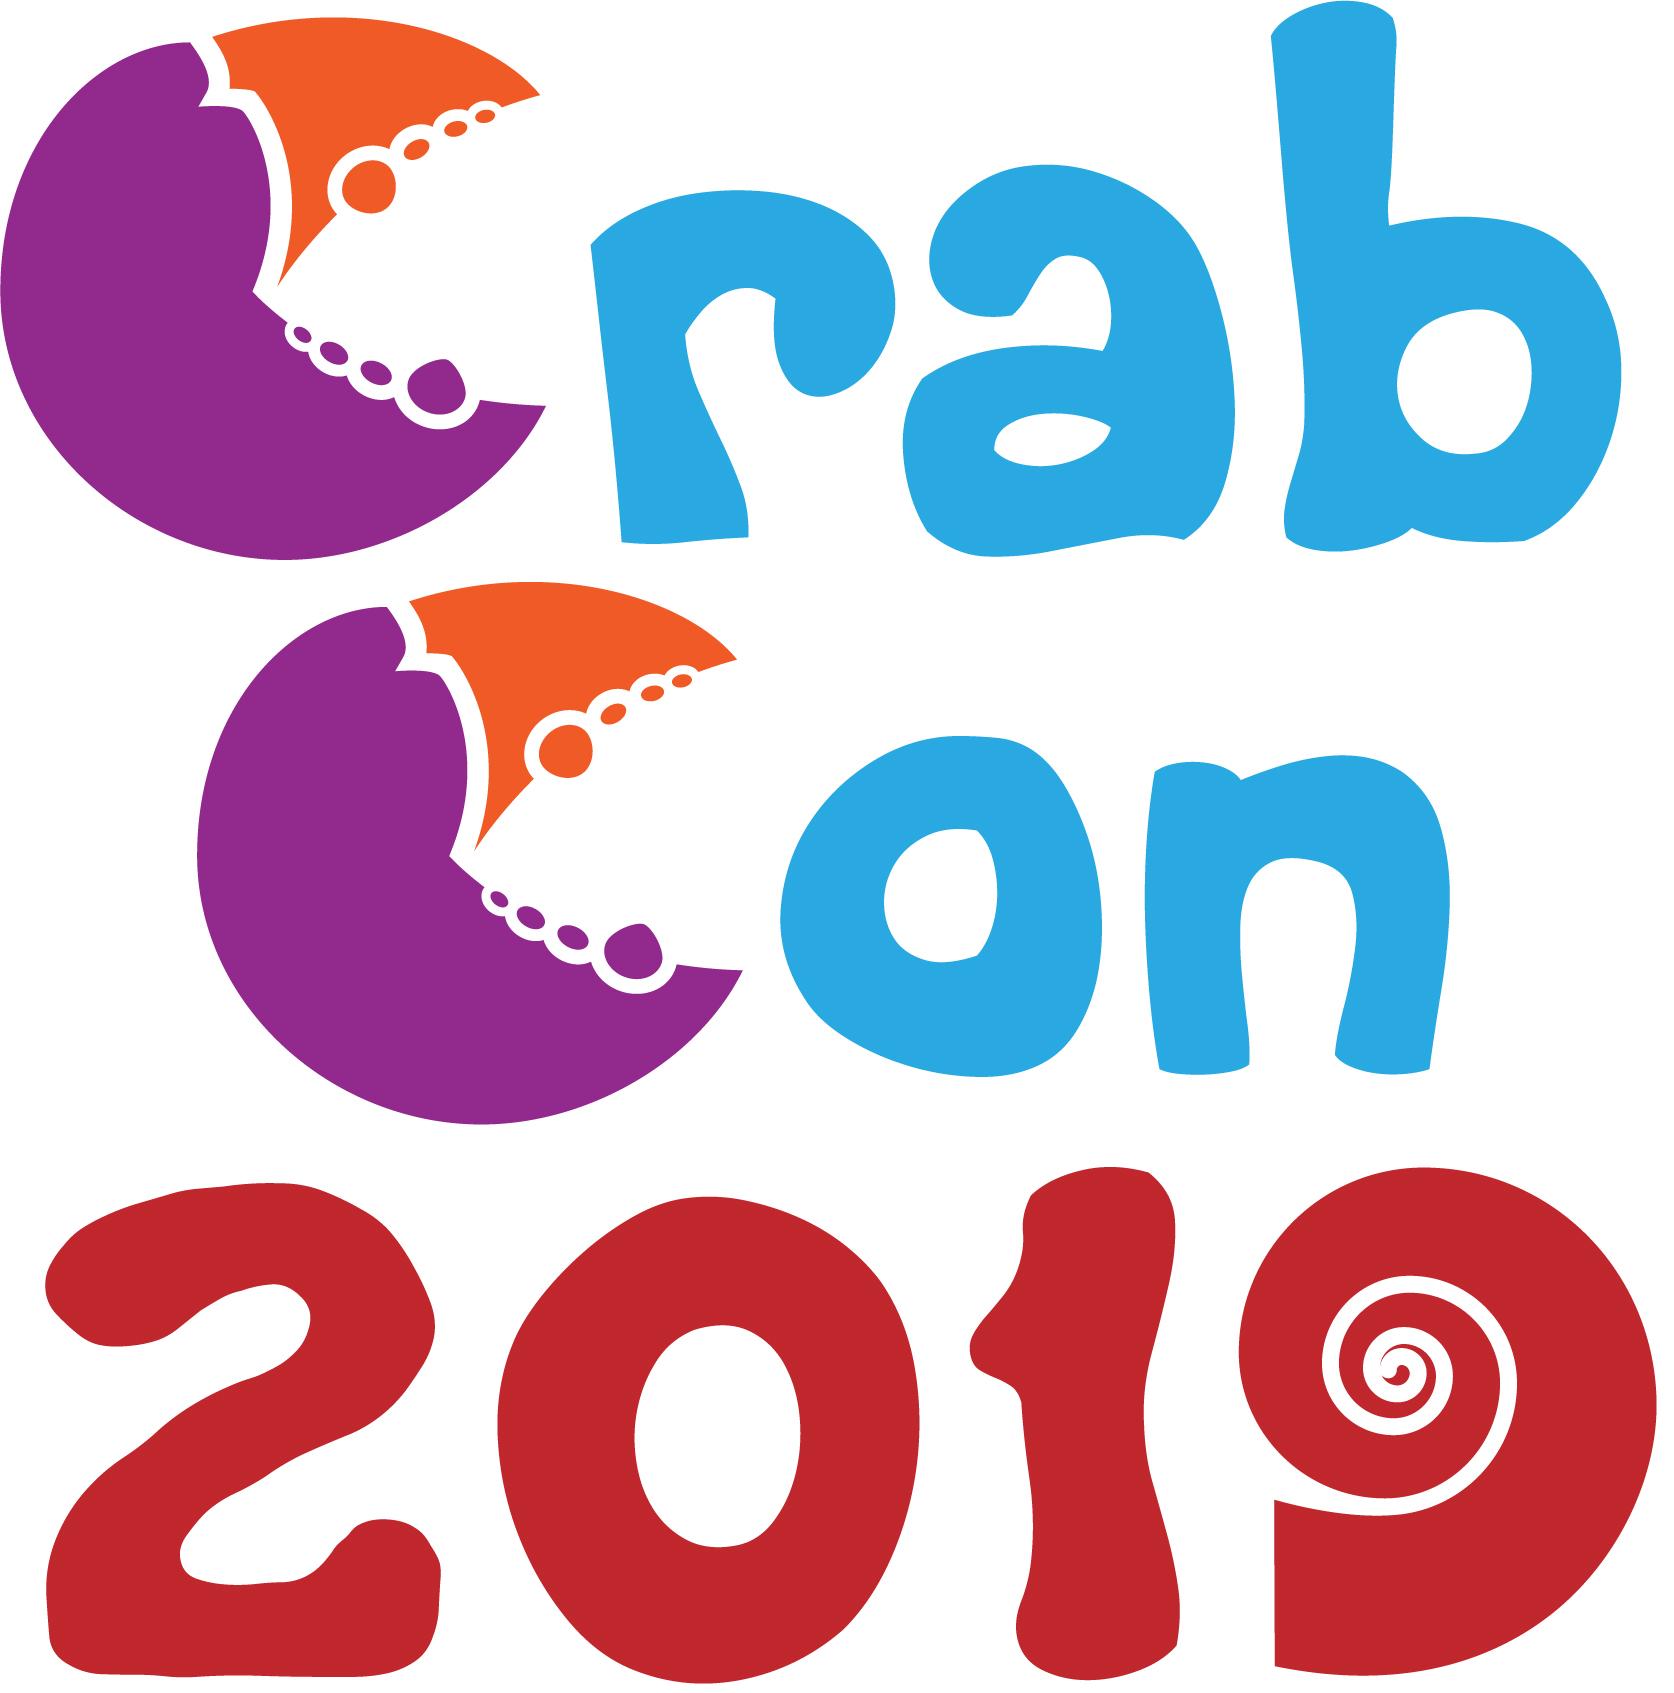 Crab Con 2019 logo